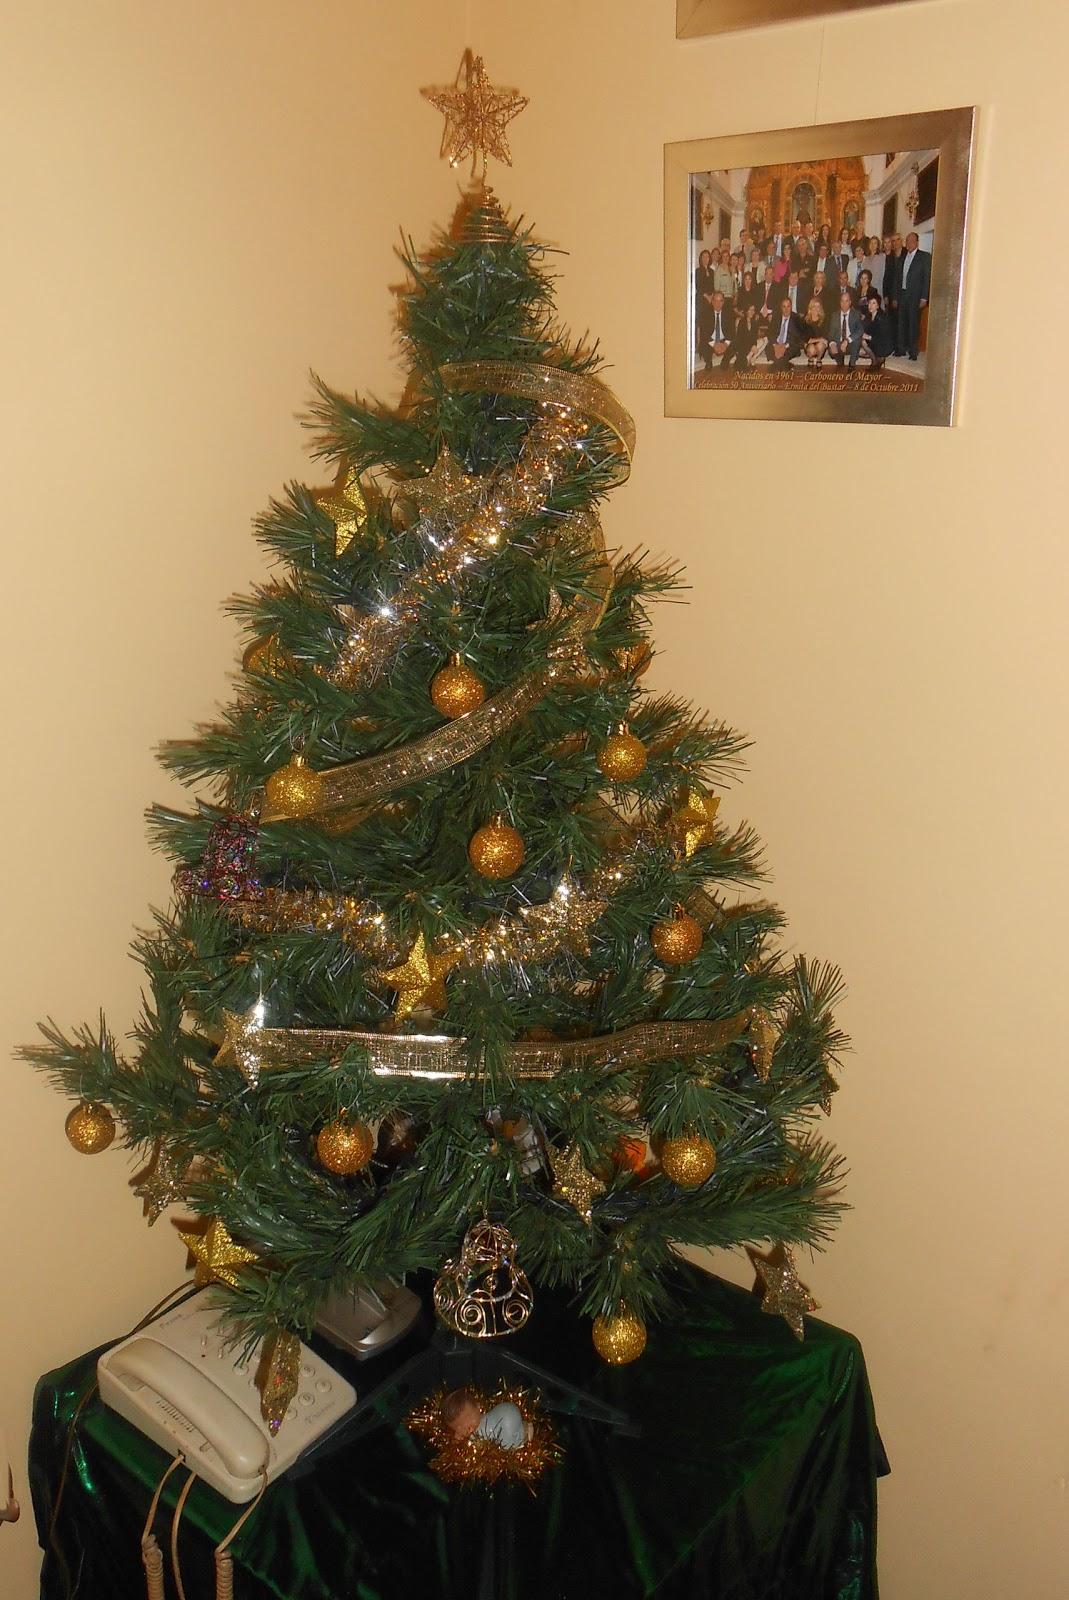 A tuttiplan vamos a poner el rbol de navidad - Como poner el arbol de navidad ...